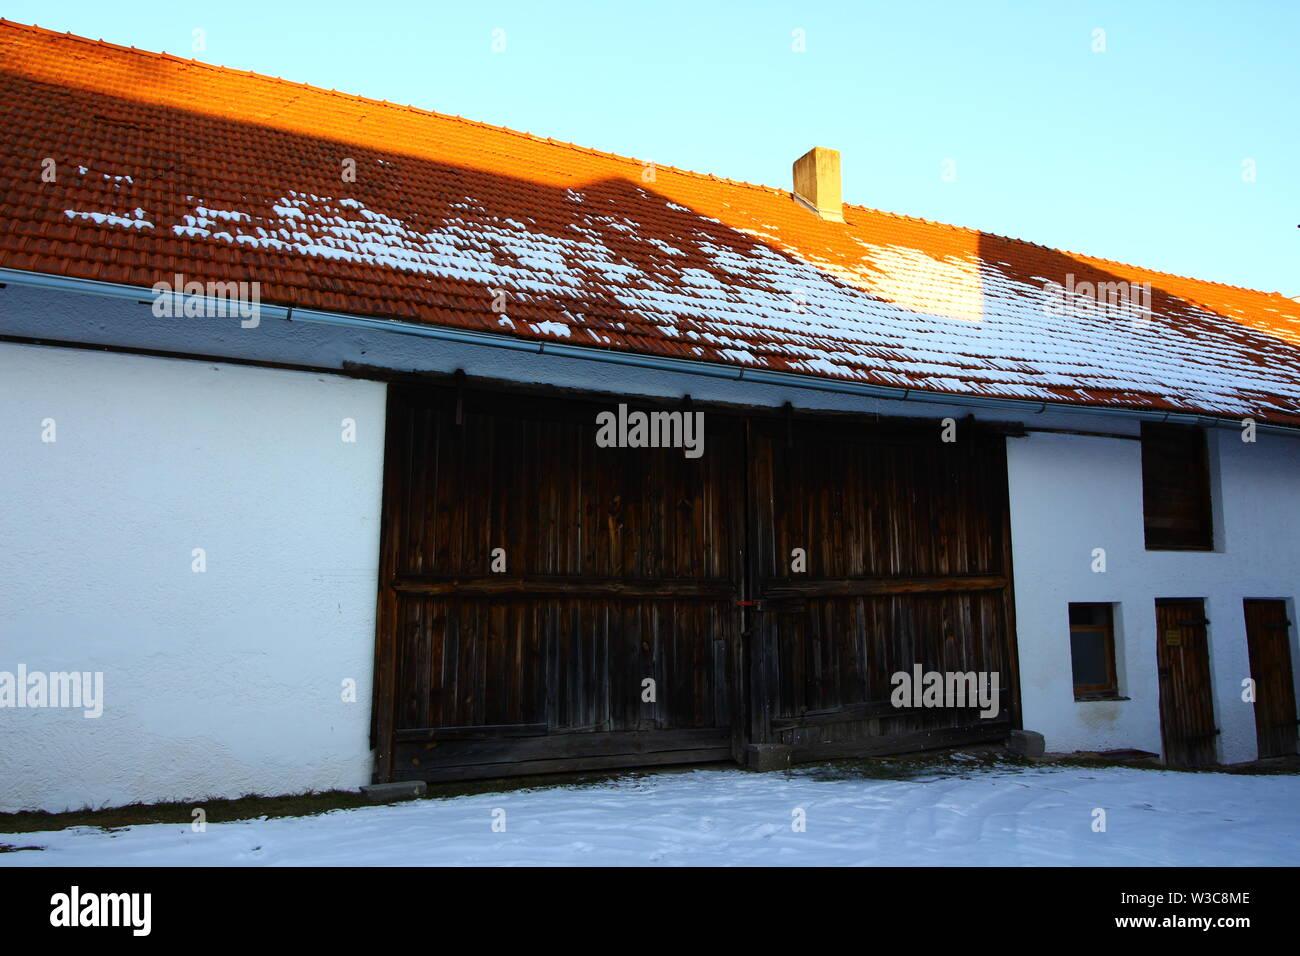 Blick auf einen Bauernhof in Bad Gögging, einem Ortsteil von Neustadt an der Donau in Niederbayern - Stock Image